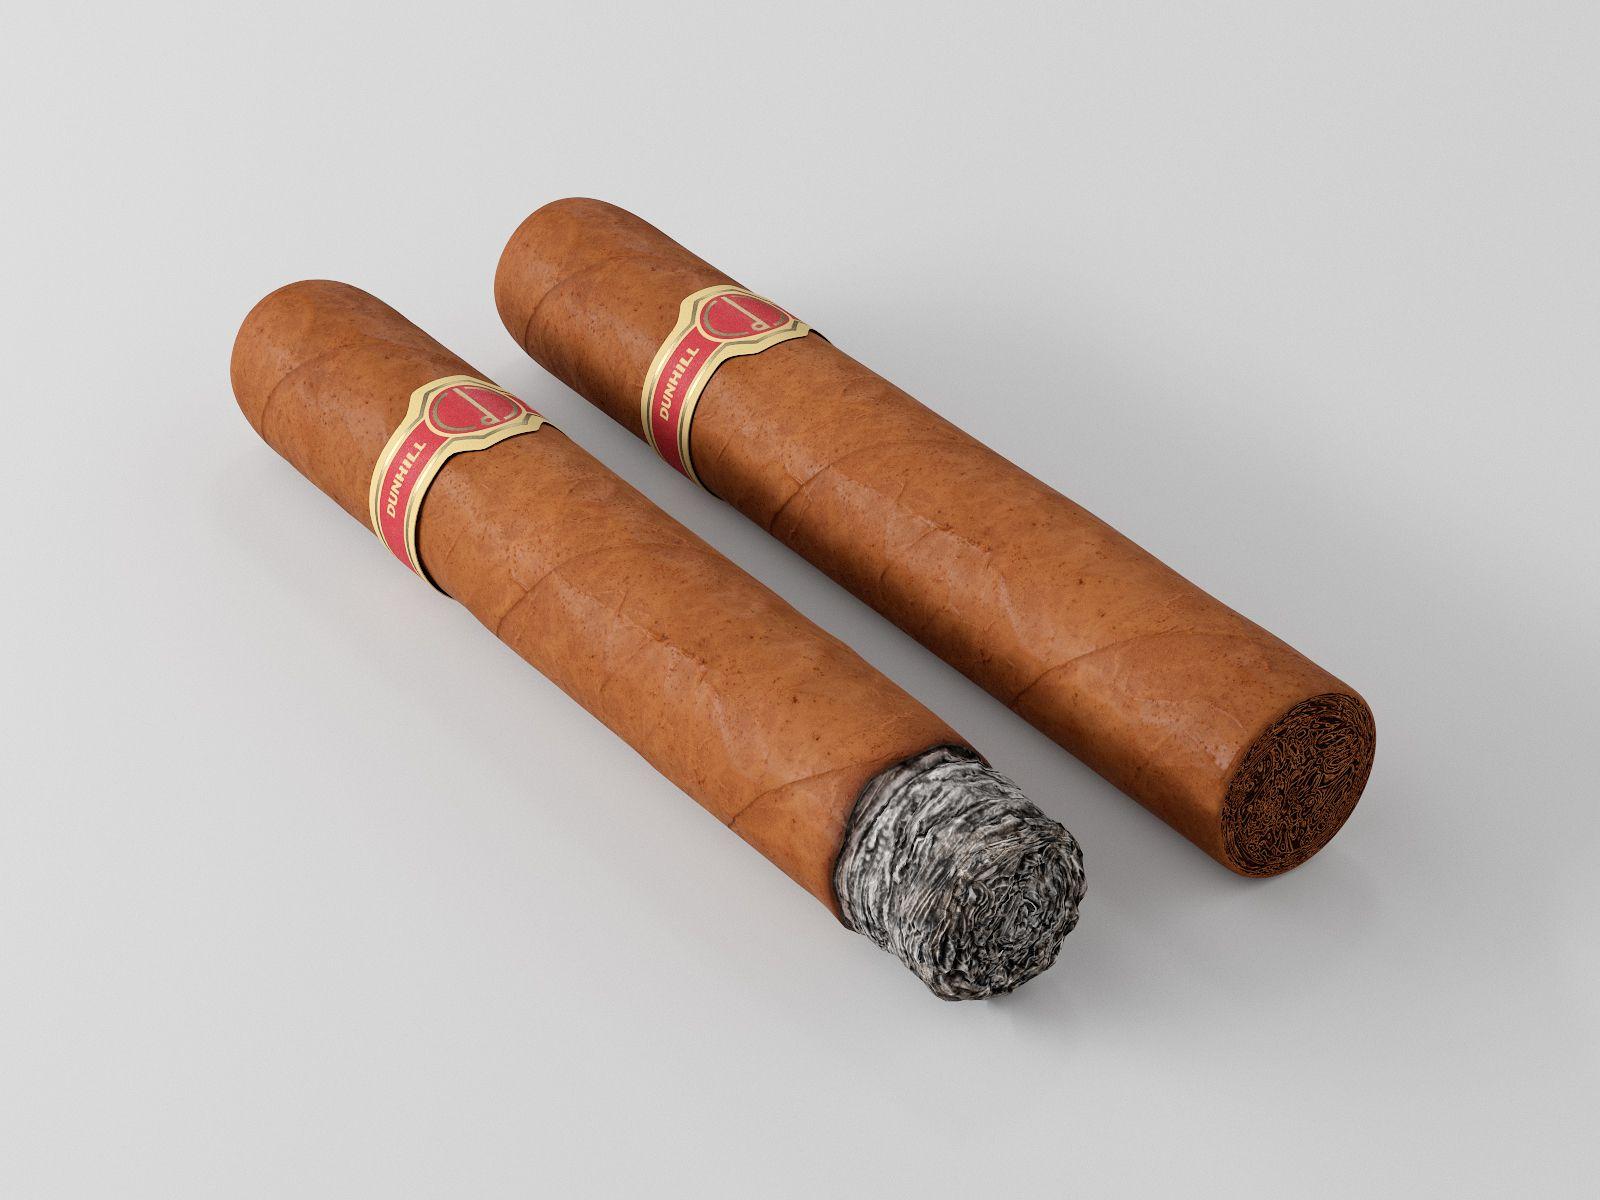 Cigar Dunhill Cabinetta 3d Model Cigars 3d Model Smoke Animation